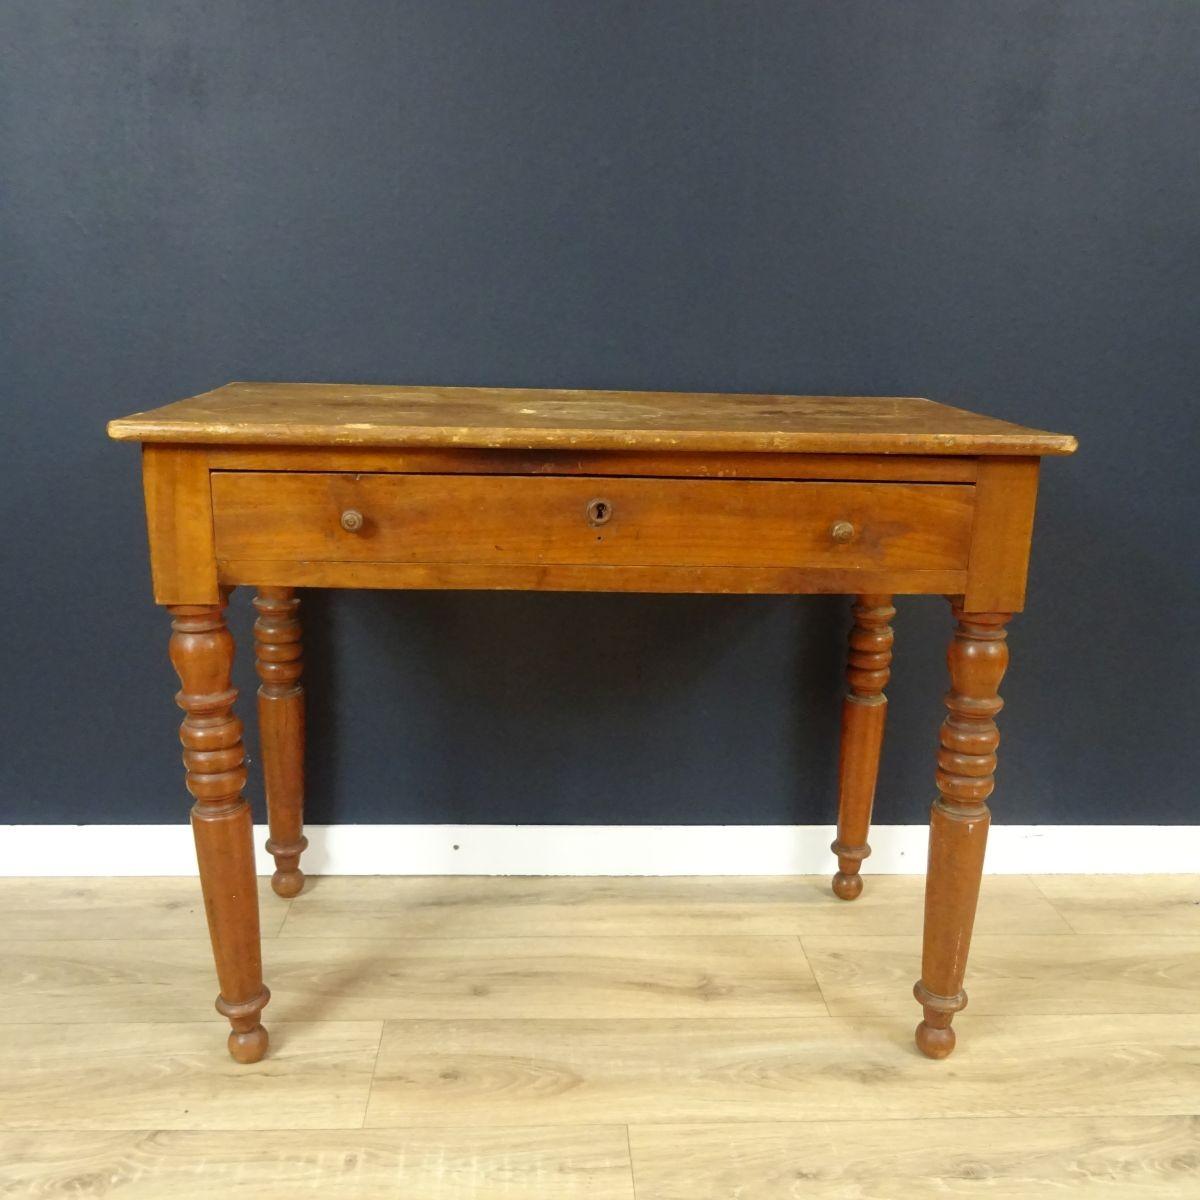 Petit Etabli Bois Ancien petite table en bois ancienne à un tiroir - le palais des